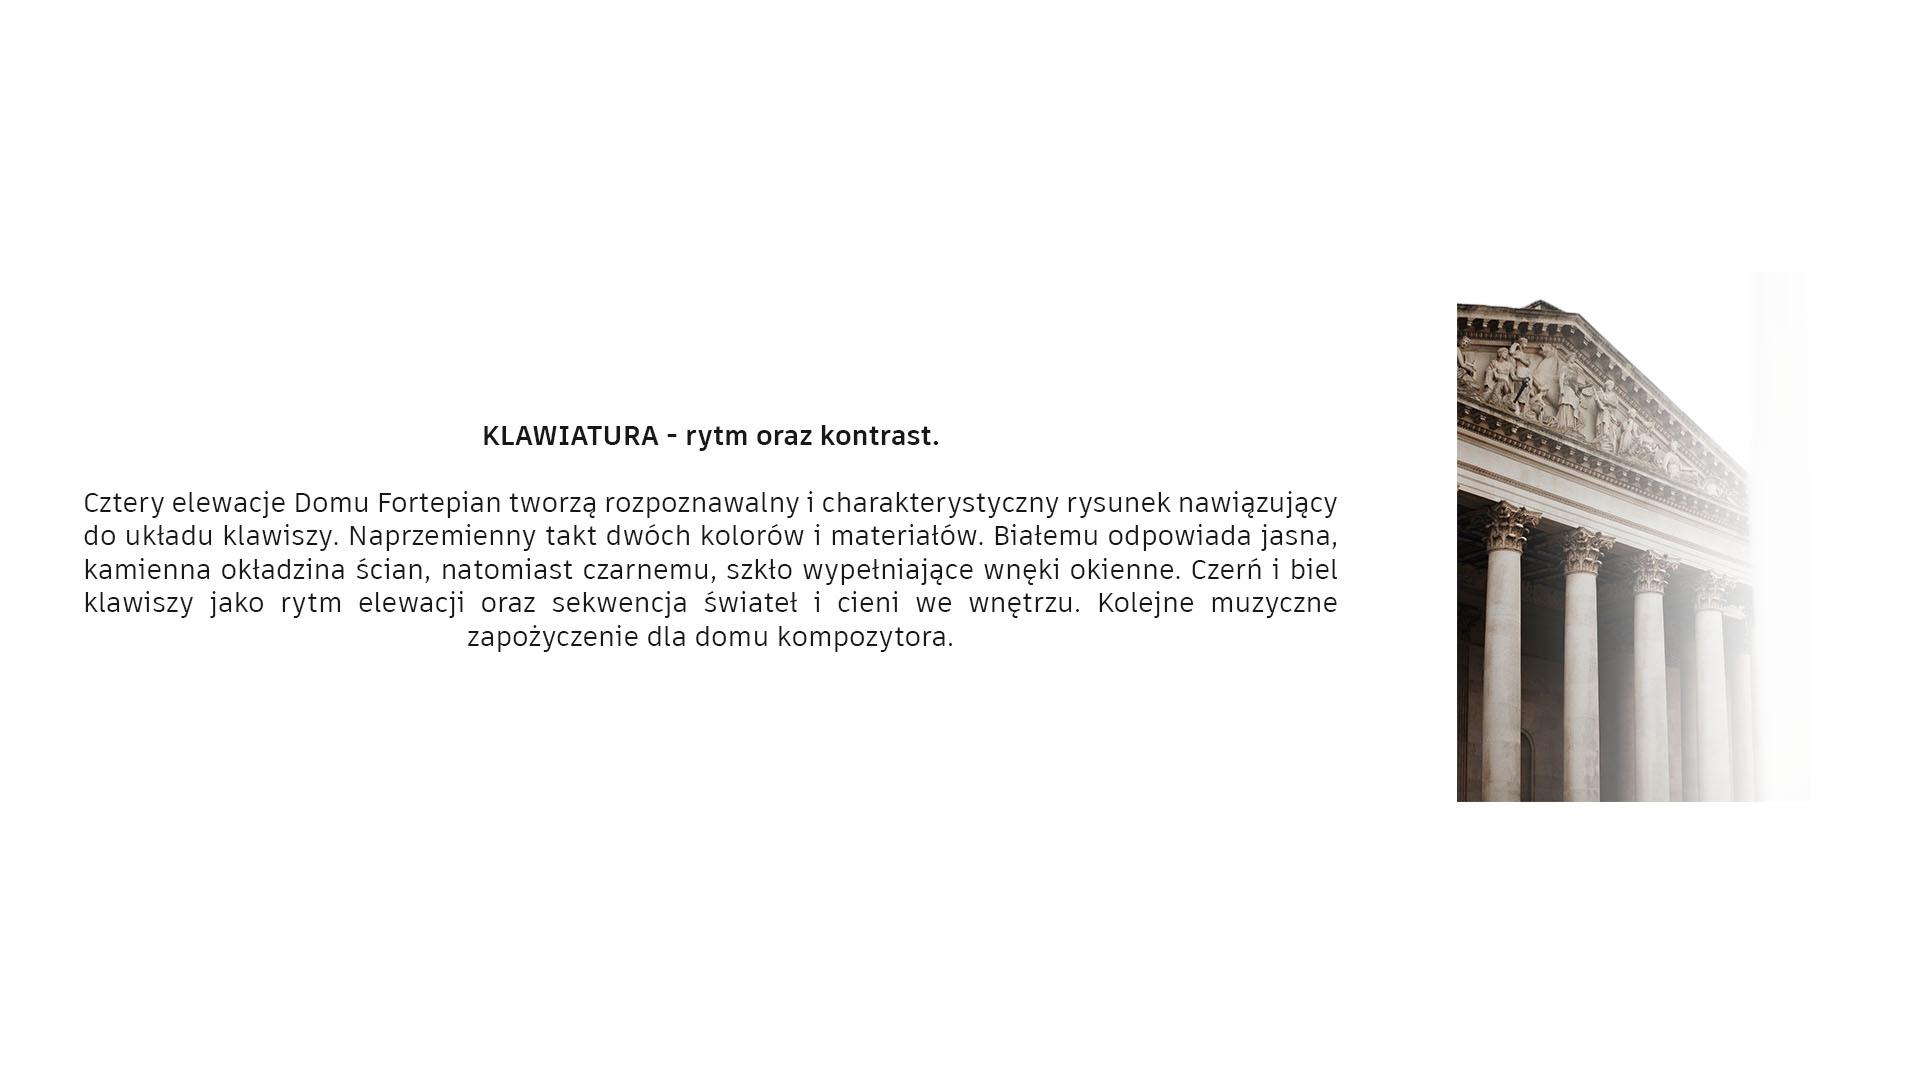 Dom Fortepian - Klawiatura - rytm oraz kontrast